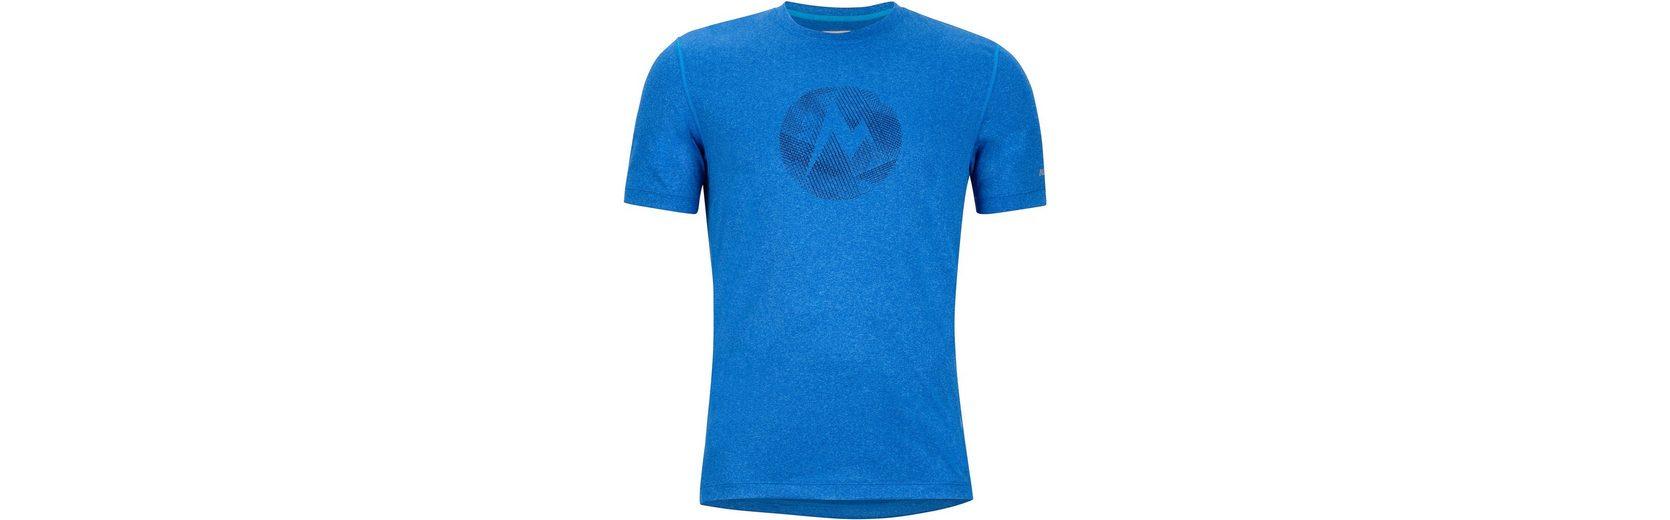 Marmot T-Shirt Transporter SS Tee Men Austrittsstellen Zum Verkauf xYgFJp4O